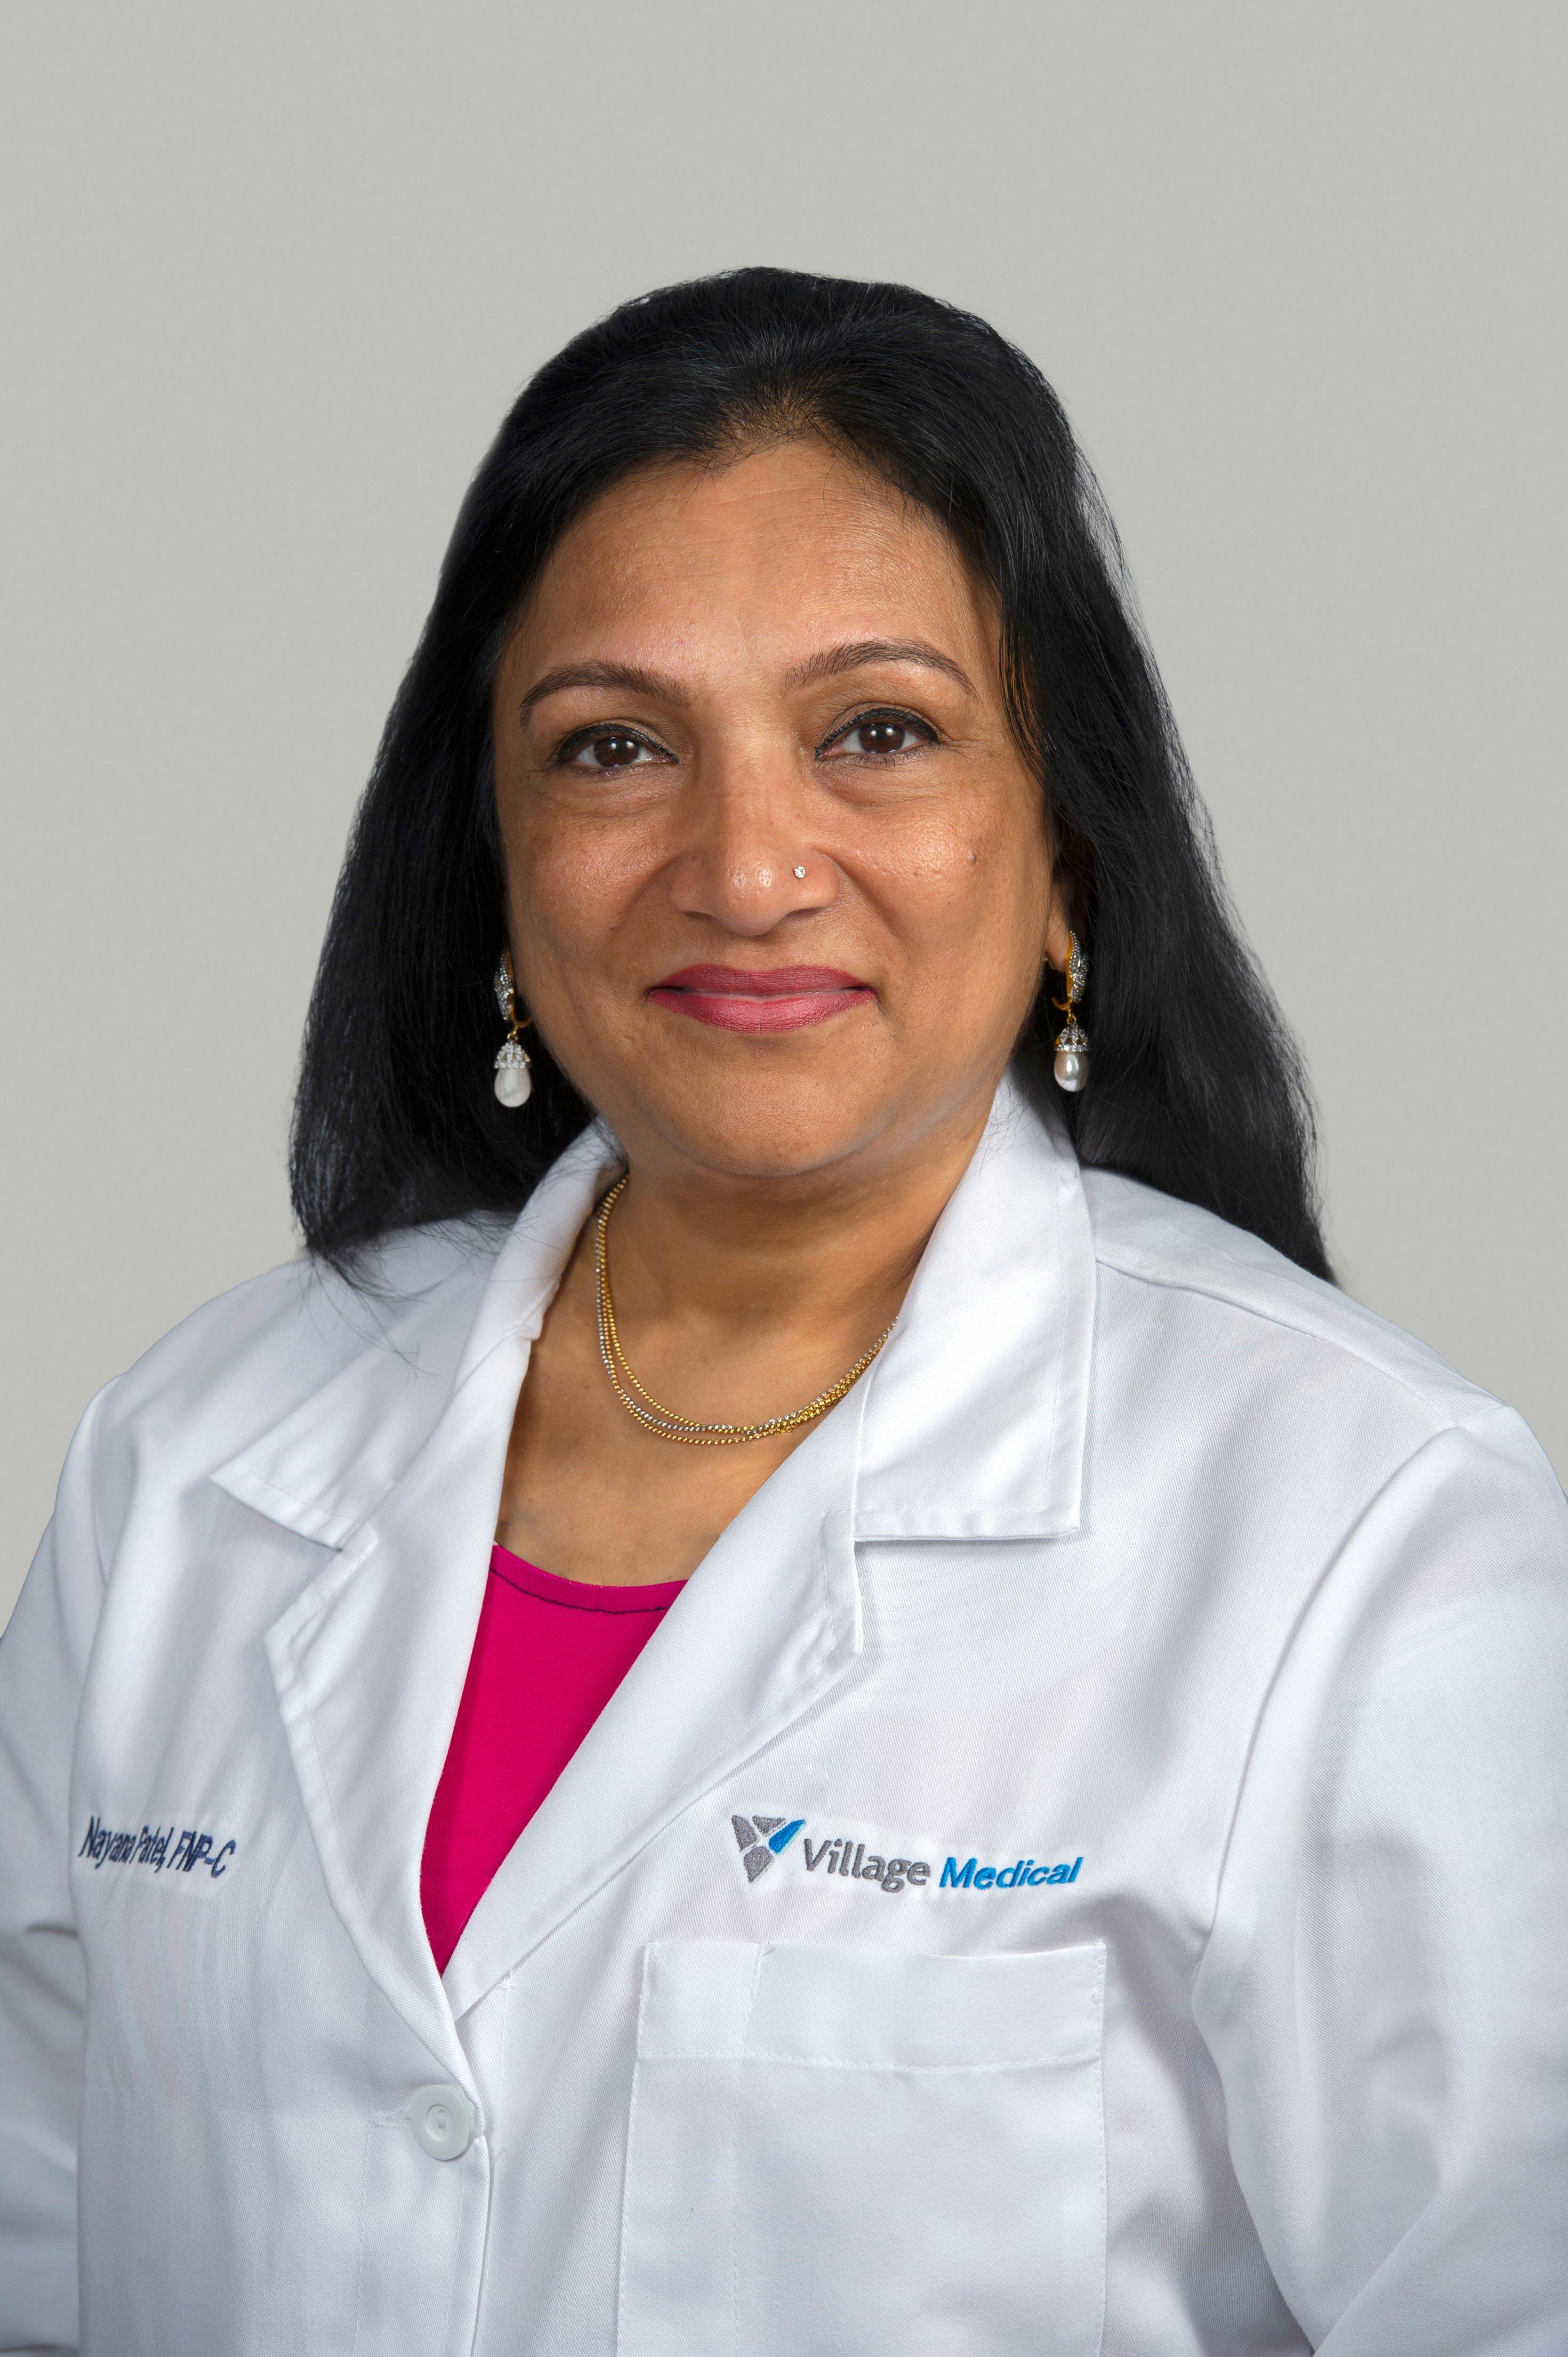 Nayana Patel, FNP-C